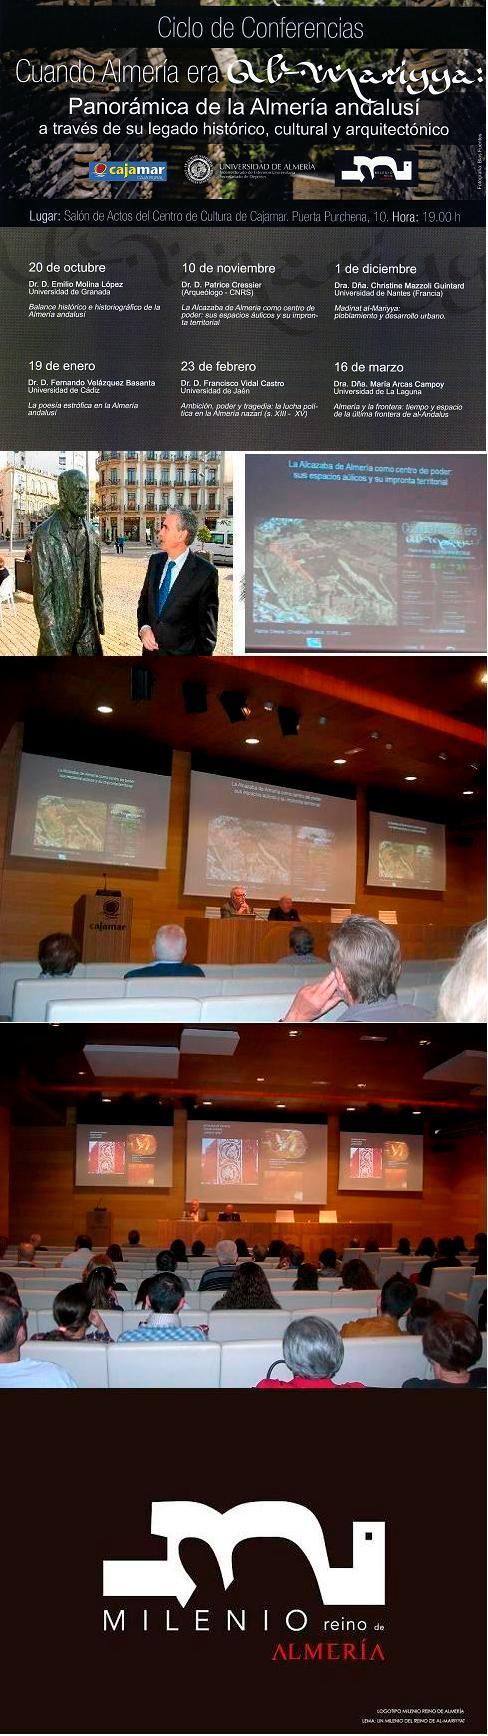 20141112175546-conferencias-ual-sobre-alcazaba2-.jpg